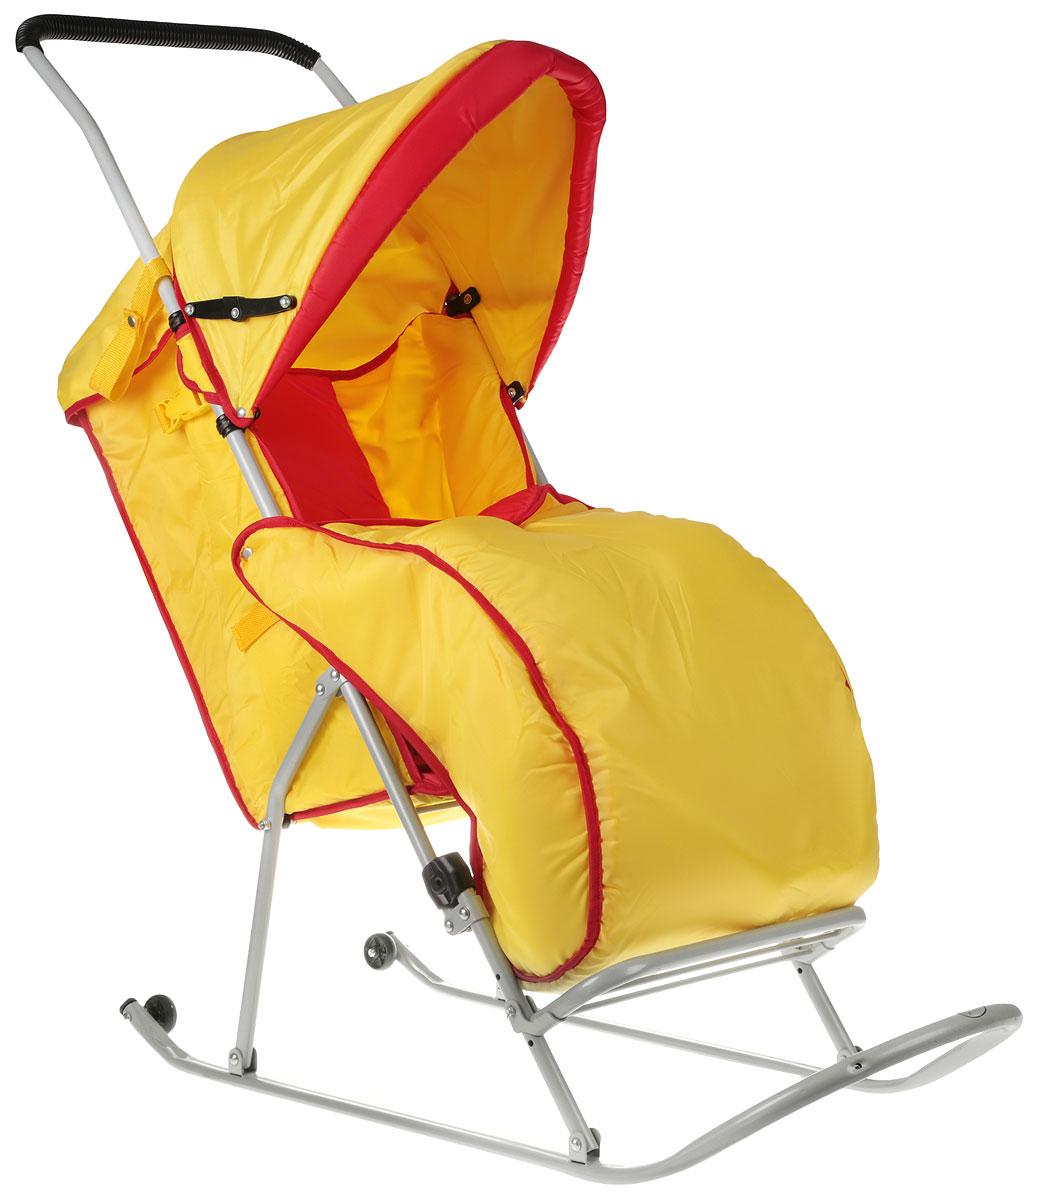 Фея Санки-коляска Метелица Люкс 1 с тентом цвет желтый красный shimano slx m675